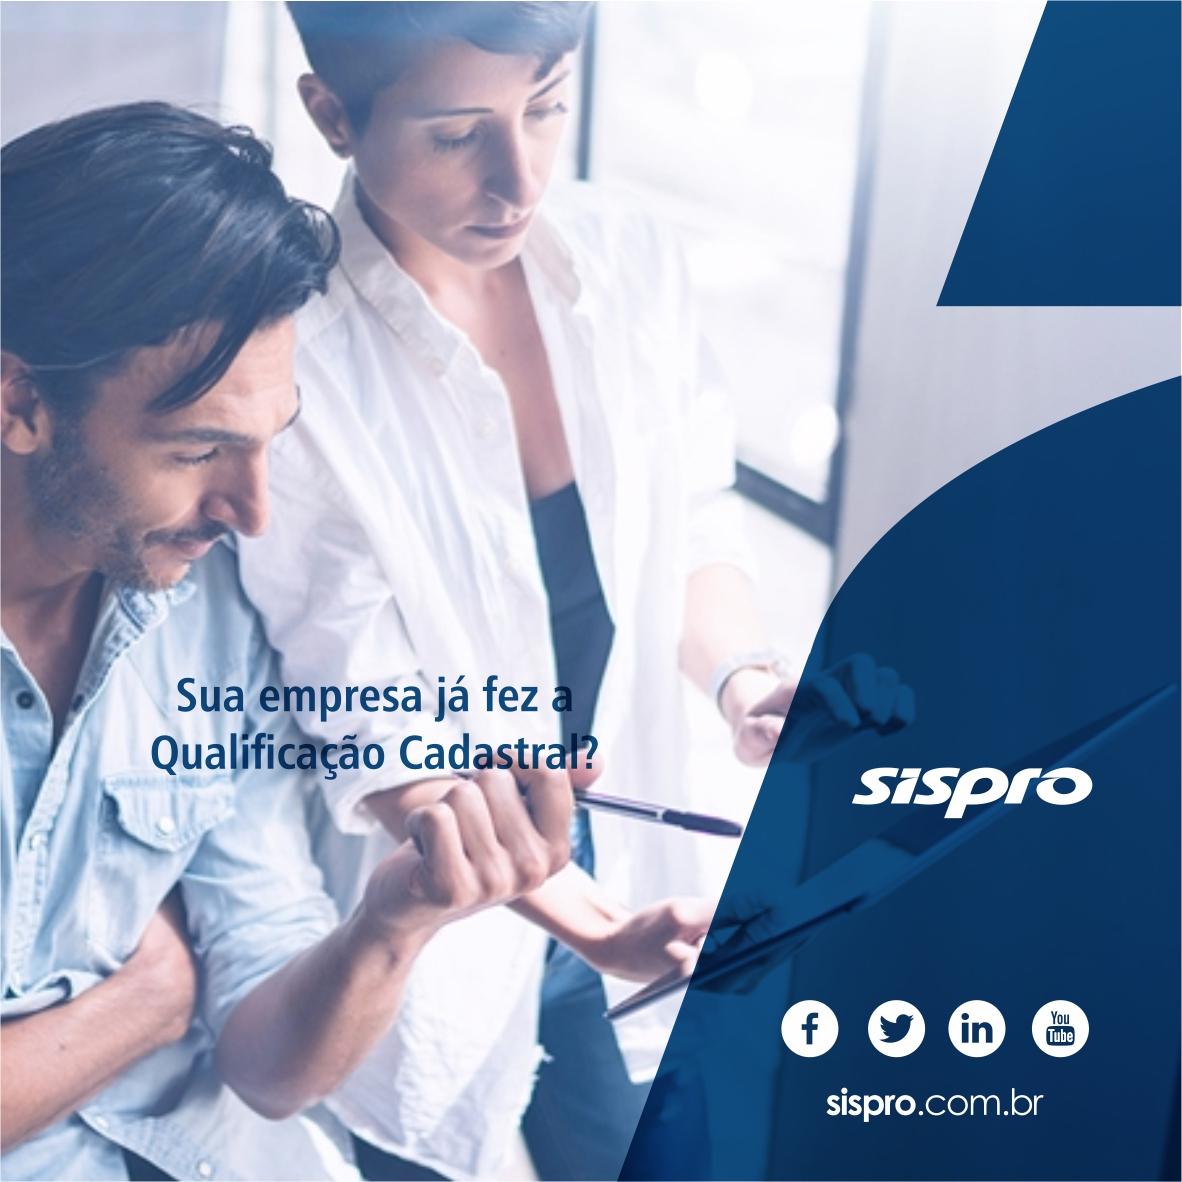 Sua empresa já fez a Qualificação Cadastral?